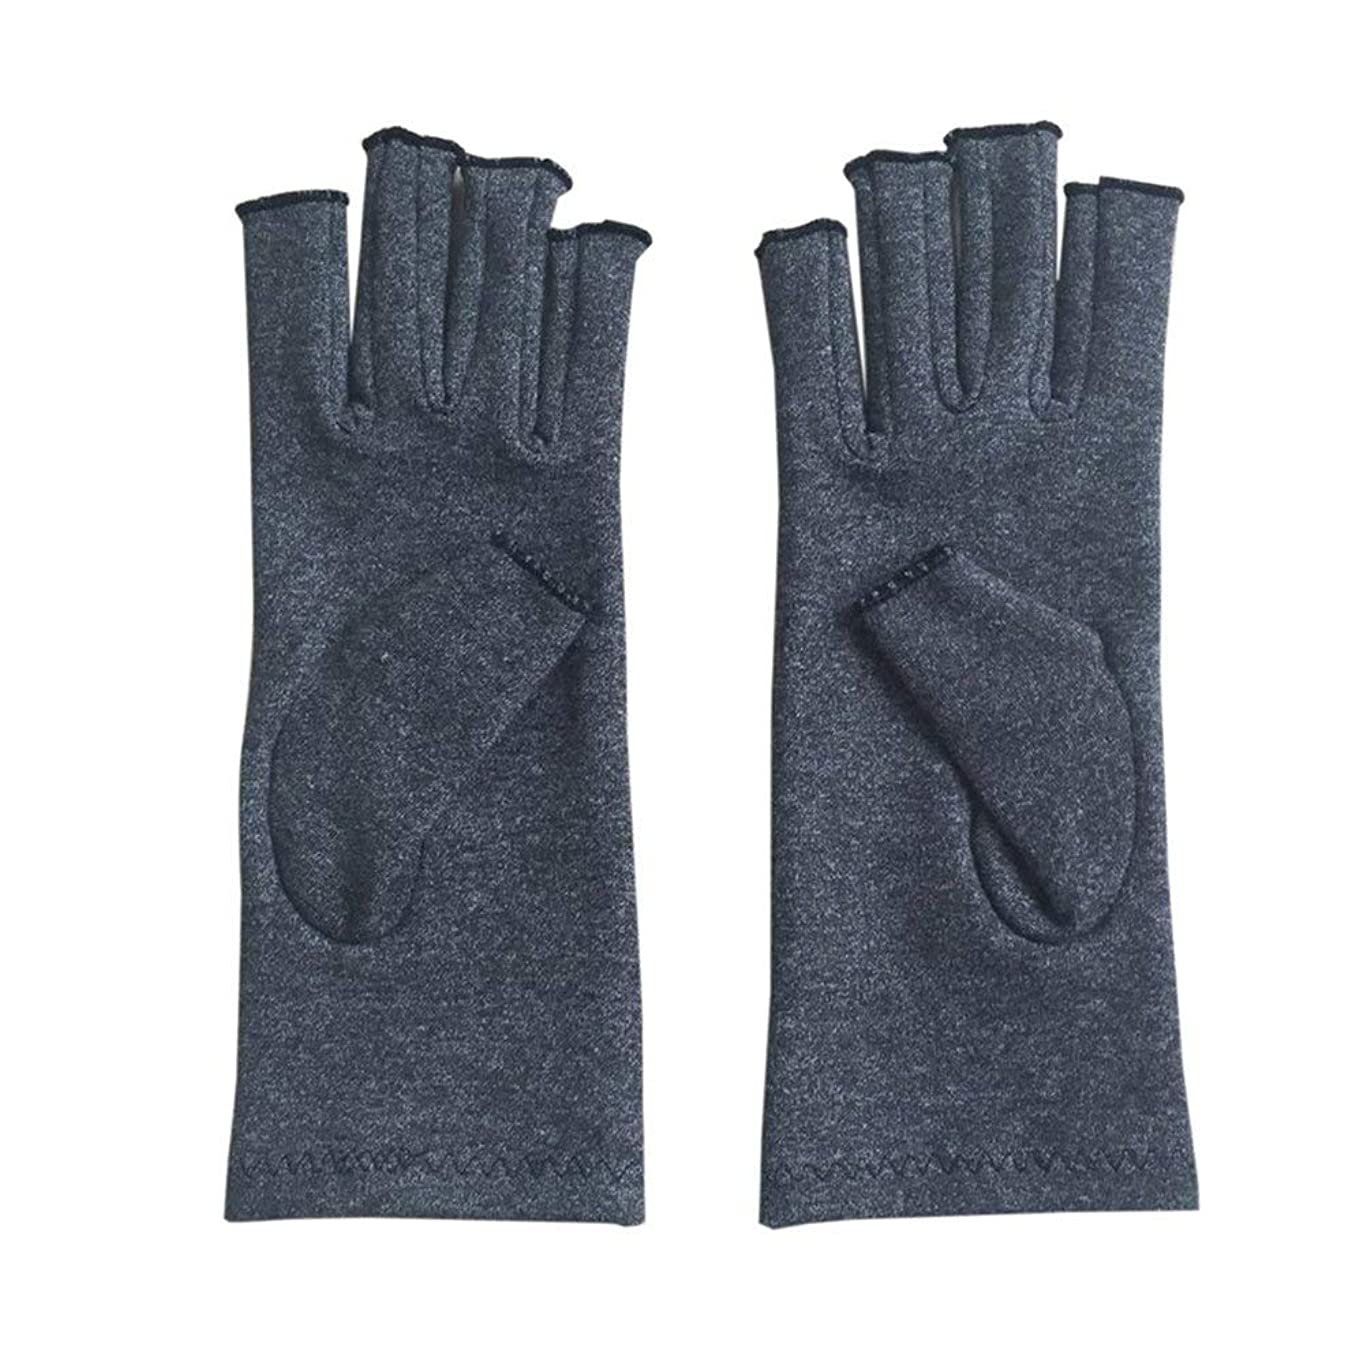 全能脅かす壊すペア/セットの快適な男性の女性療法の圧縮手袋無地の通気性関節炎の関節の痛みを軽減する手袋 - グレーS